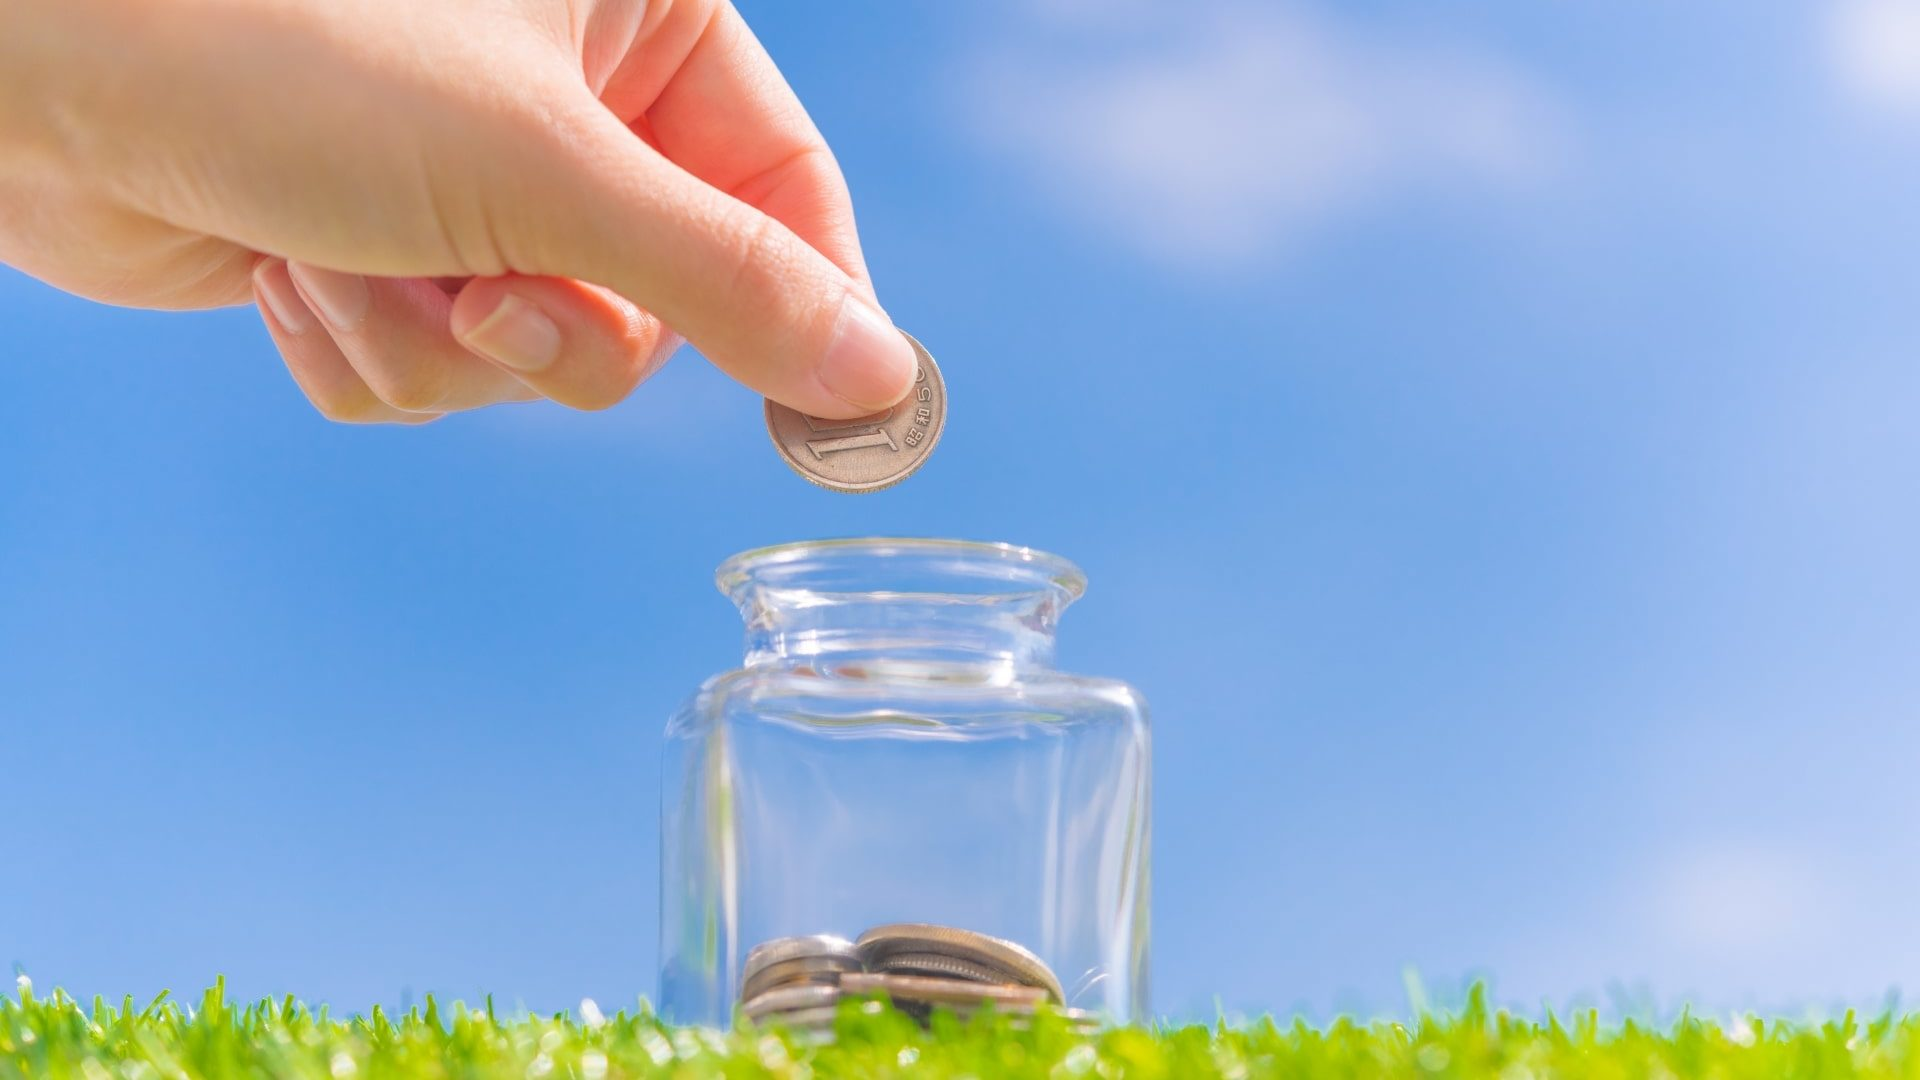 ガラス瓶にコインを入れる